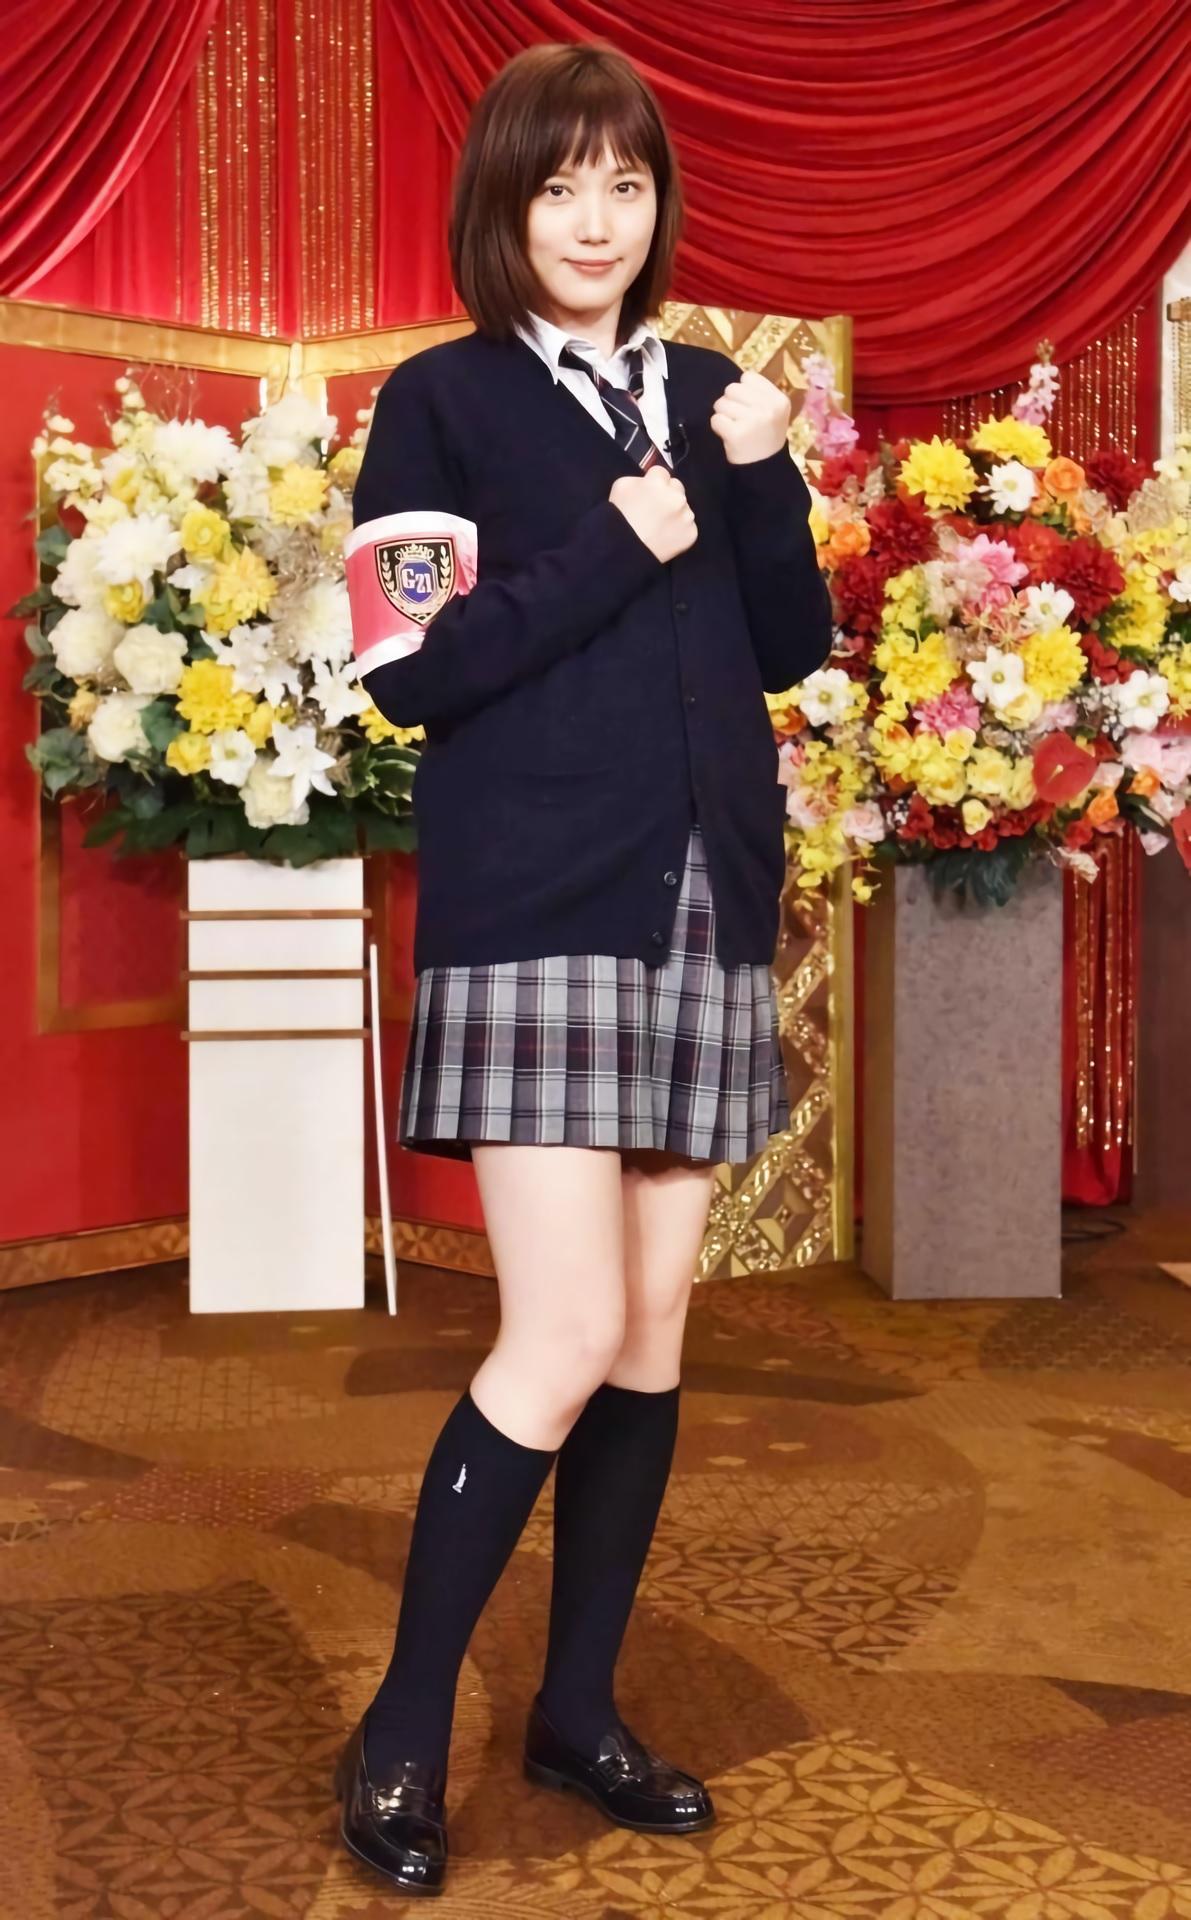 【画像】本田翼「ぐるナイ、ゴチは自分が高校生の時の制服をイメージしてみました」